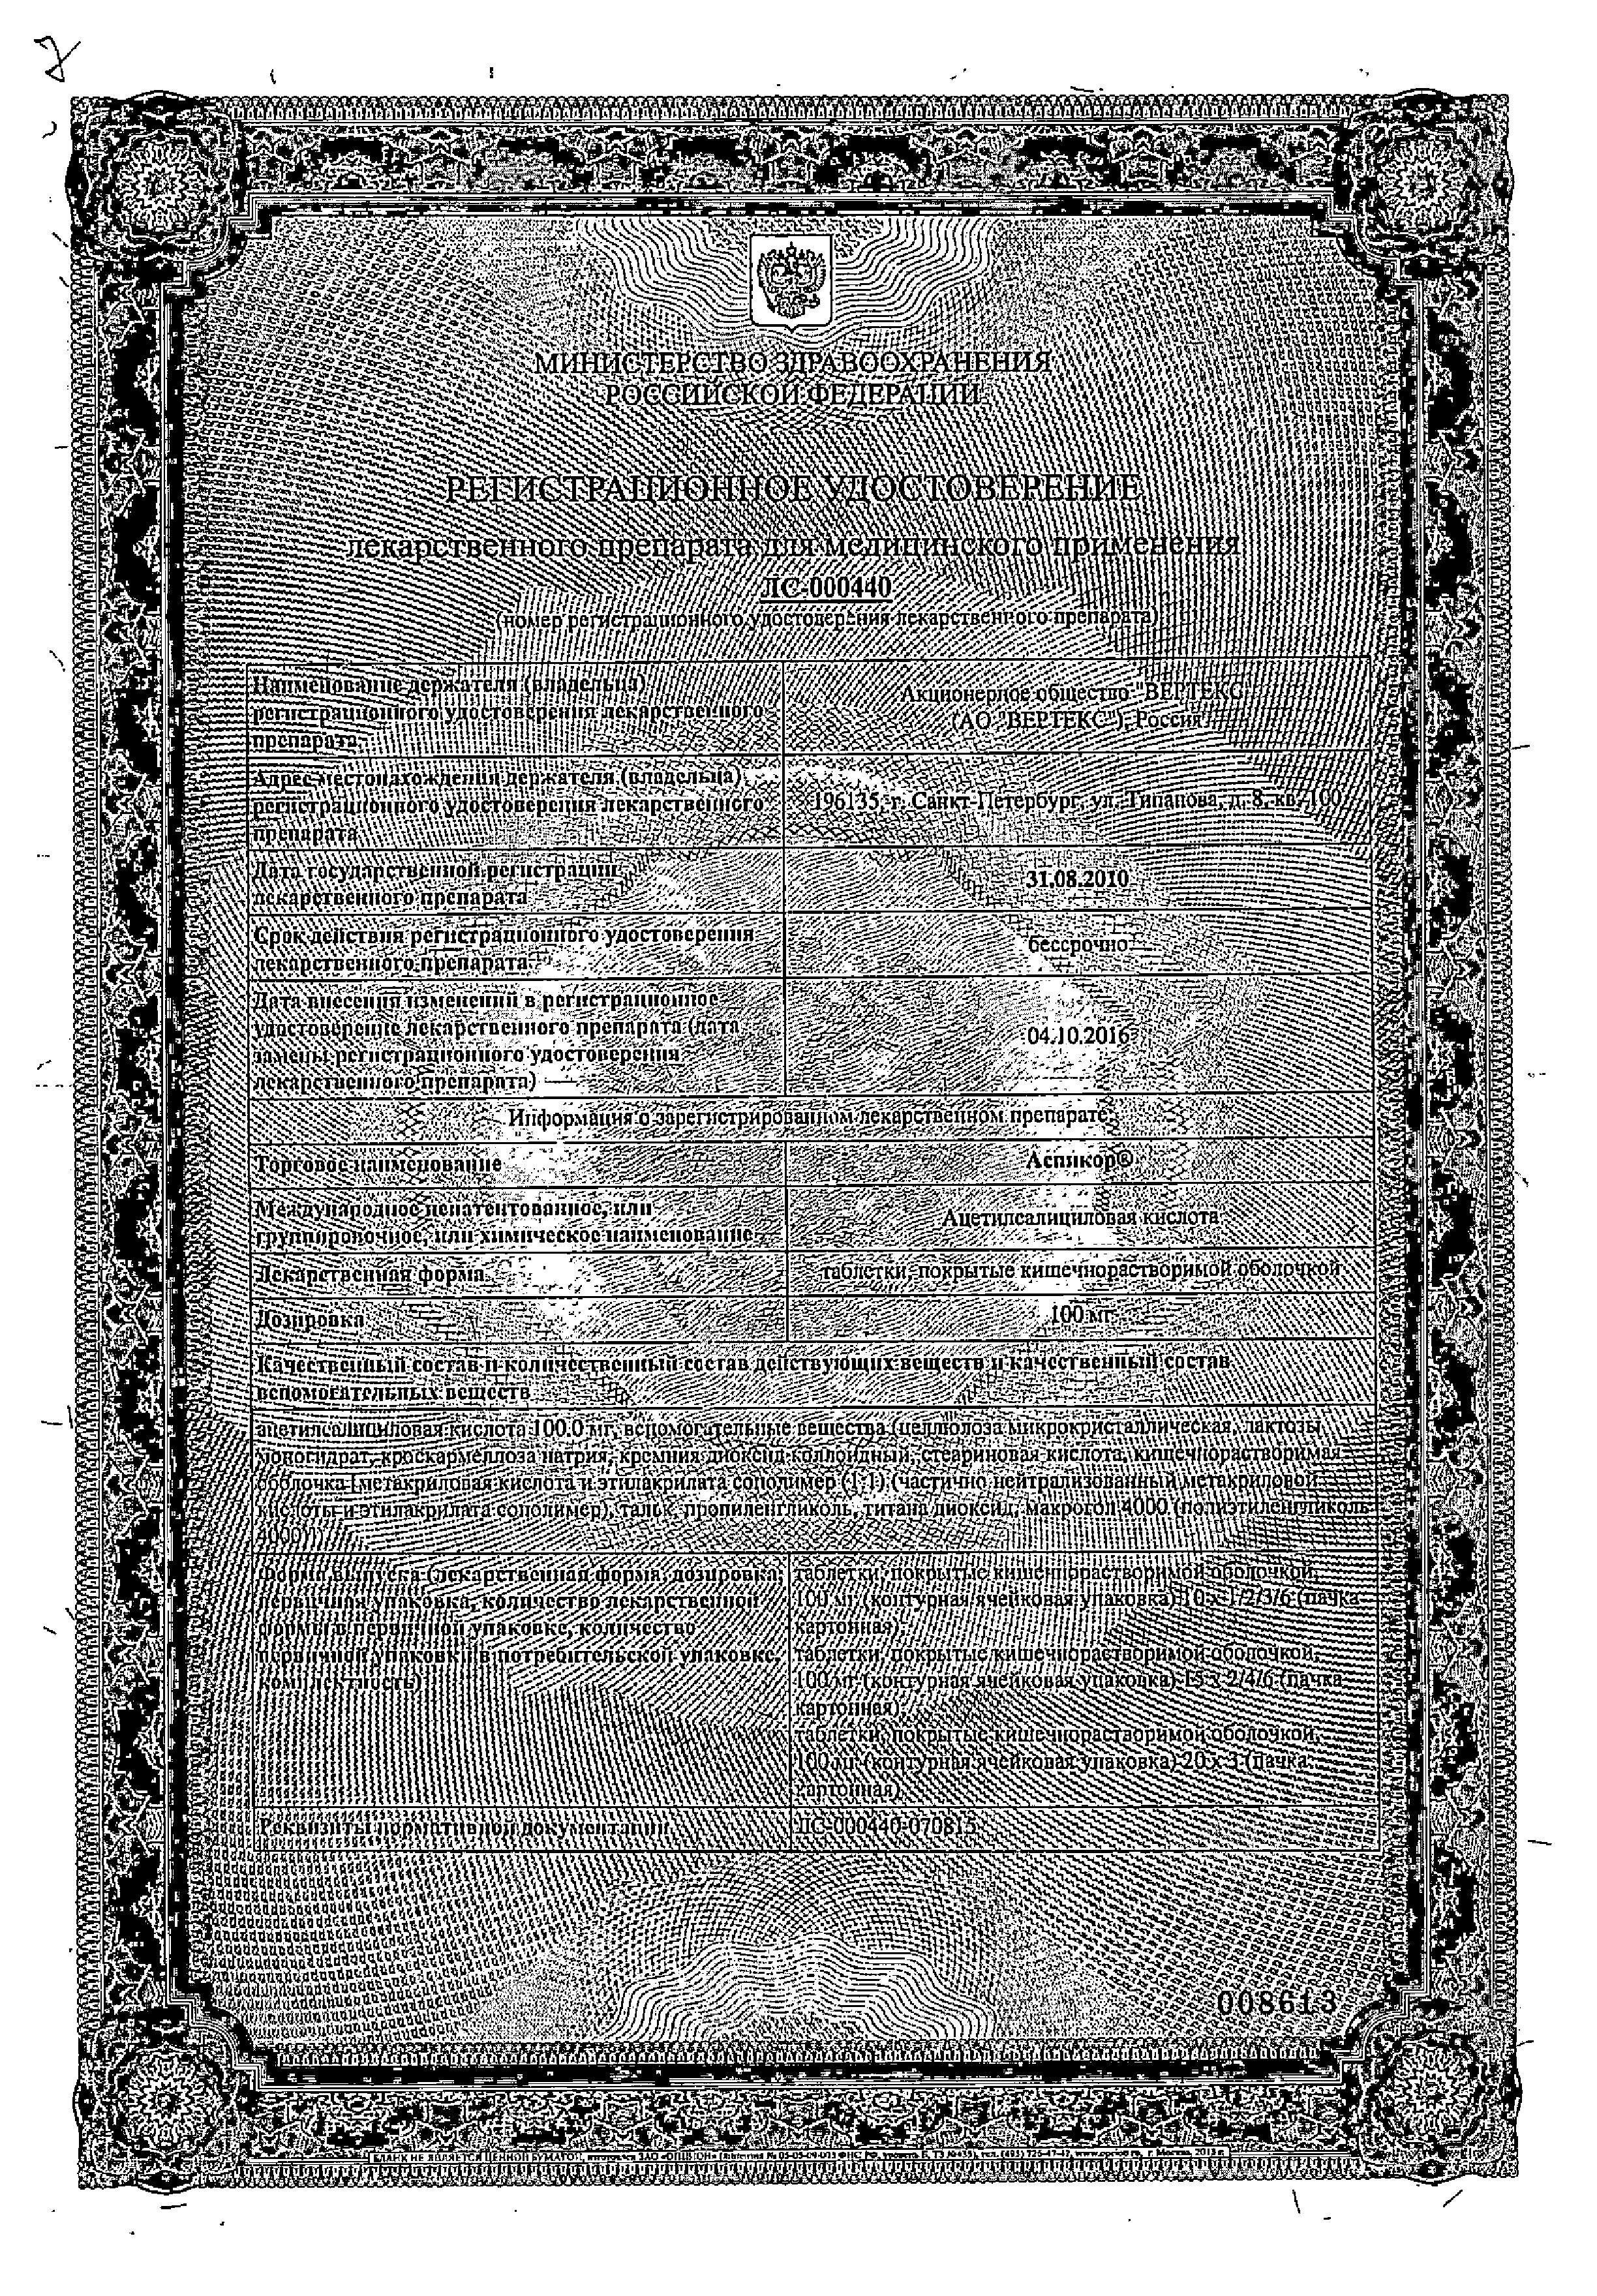 Аспикор сертификат